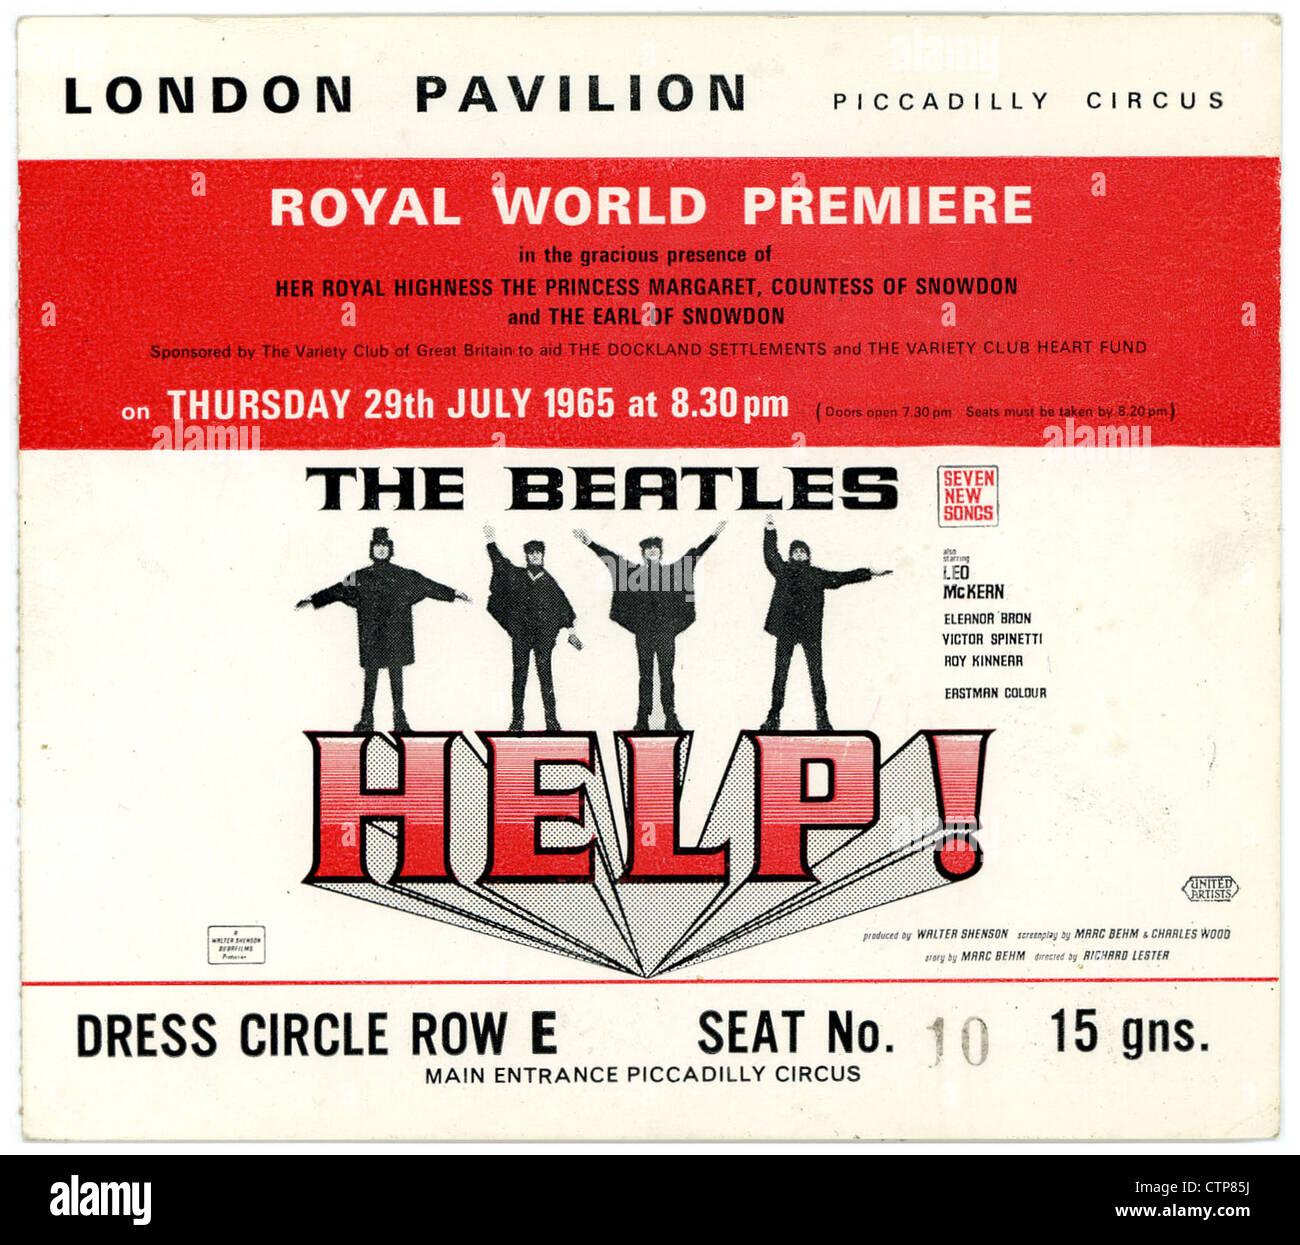 001362 - The Beatles Help! Royal World Premiere billete desde el Pabellón de Londres el 29 de julio de 1965 Imagen De Stock